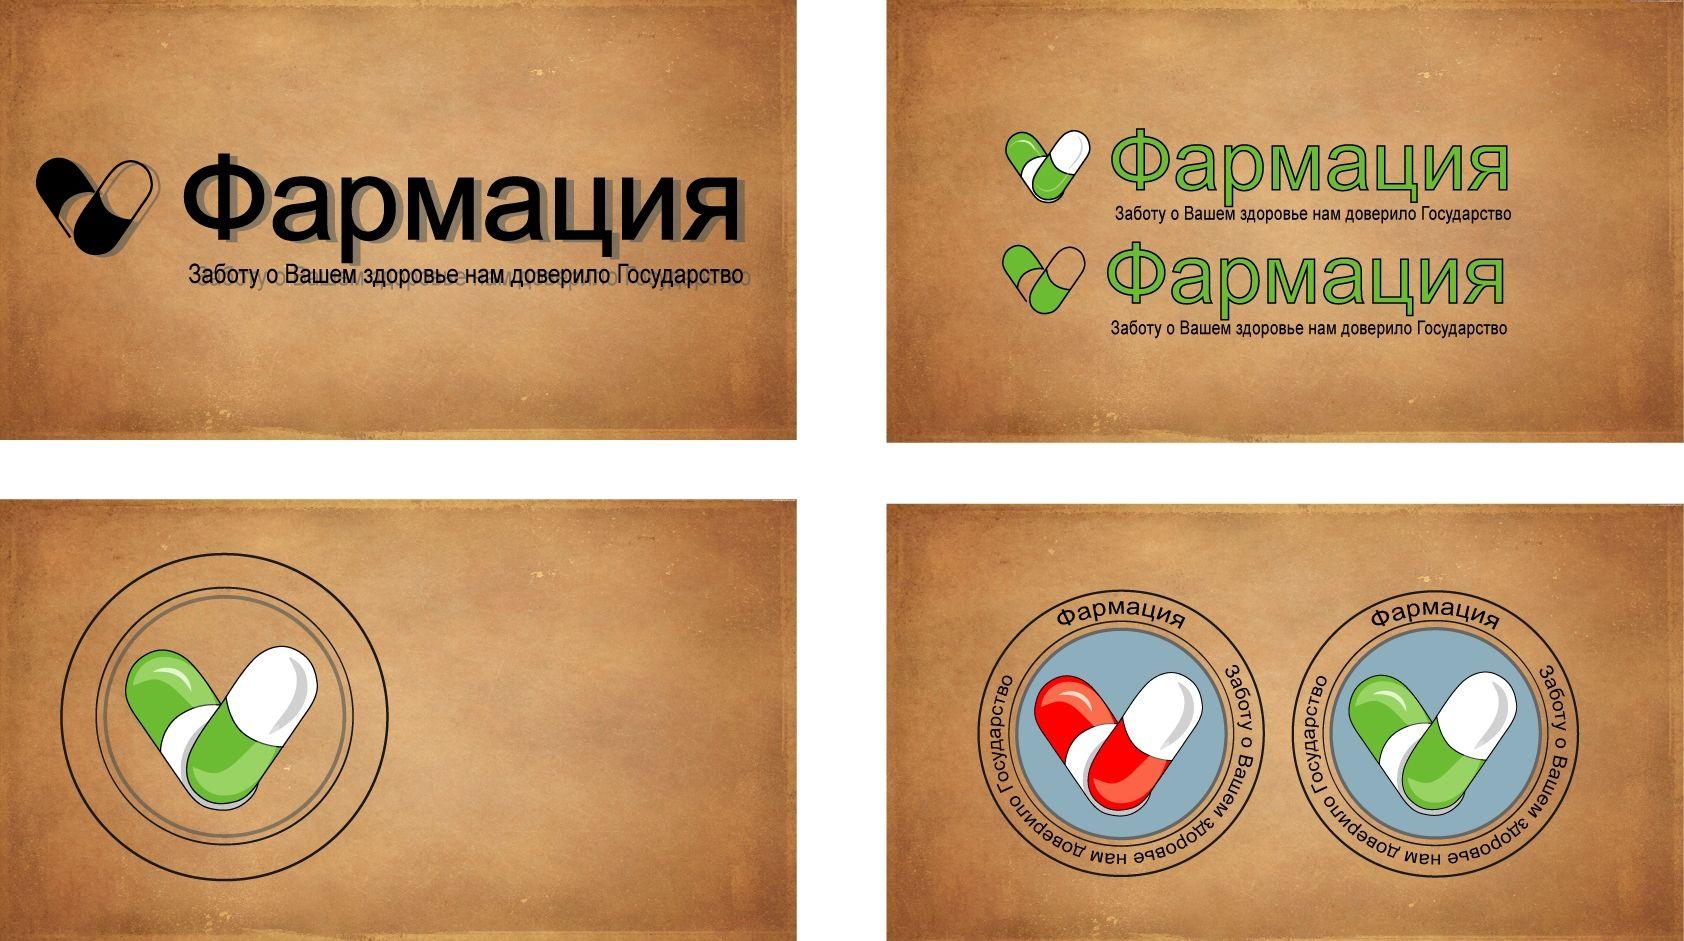 Логотип для государственной аптеки - дизайнер VlasovaKaterina